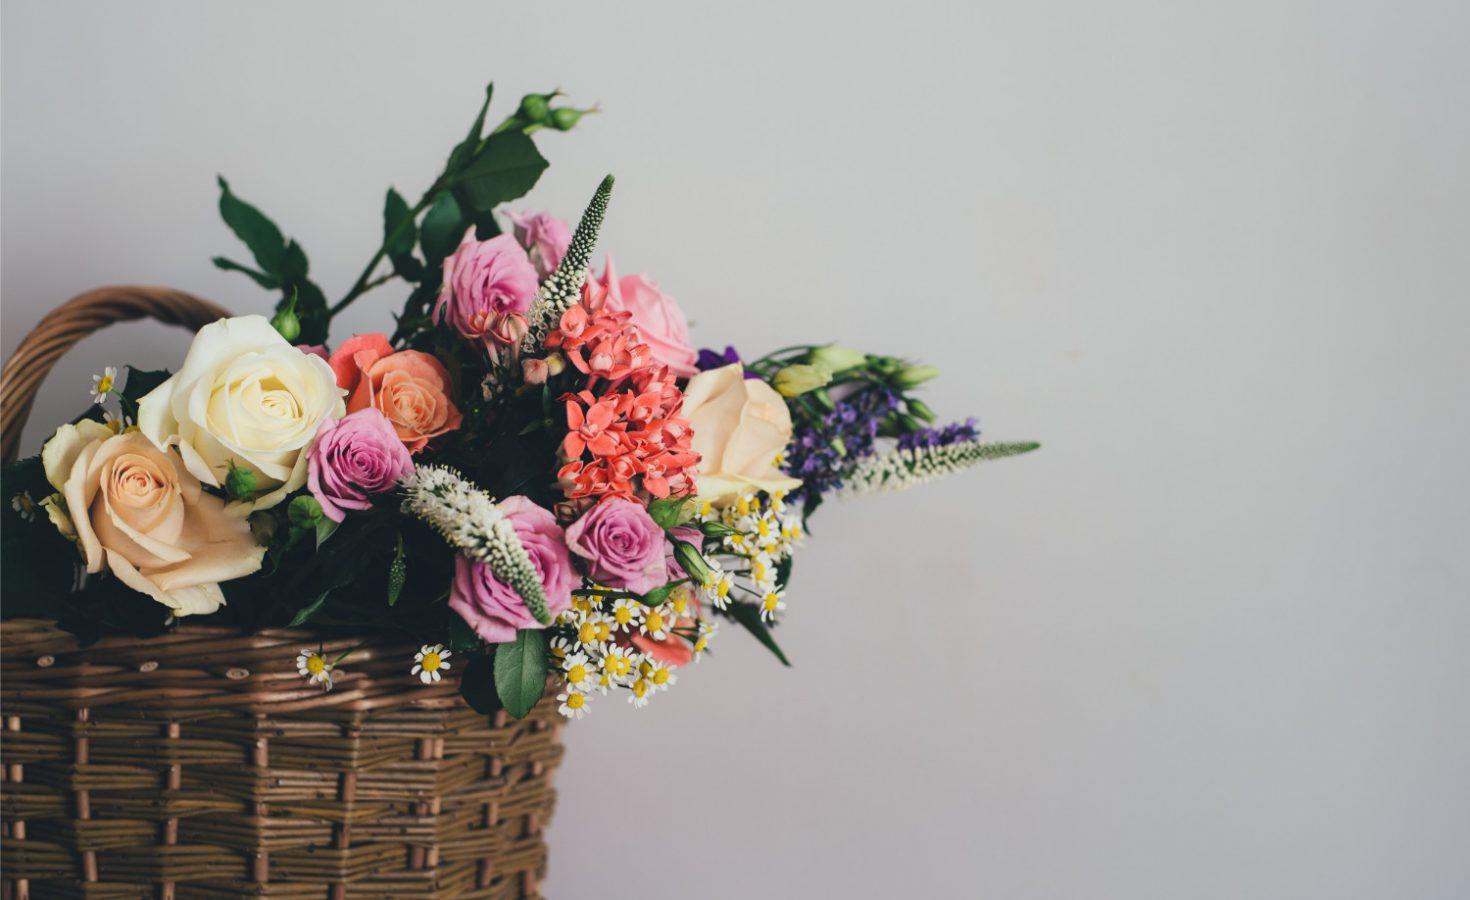 nj wholesale flowers